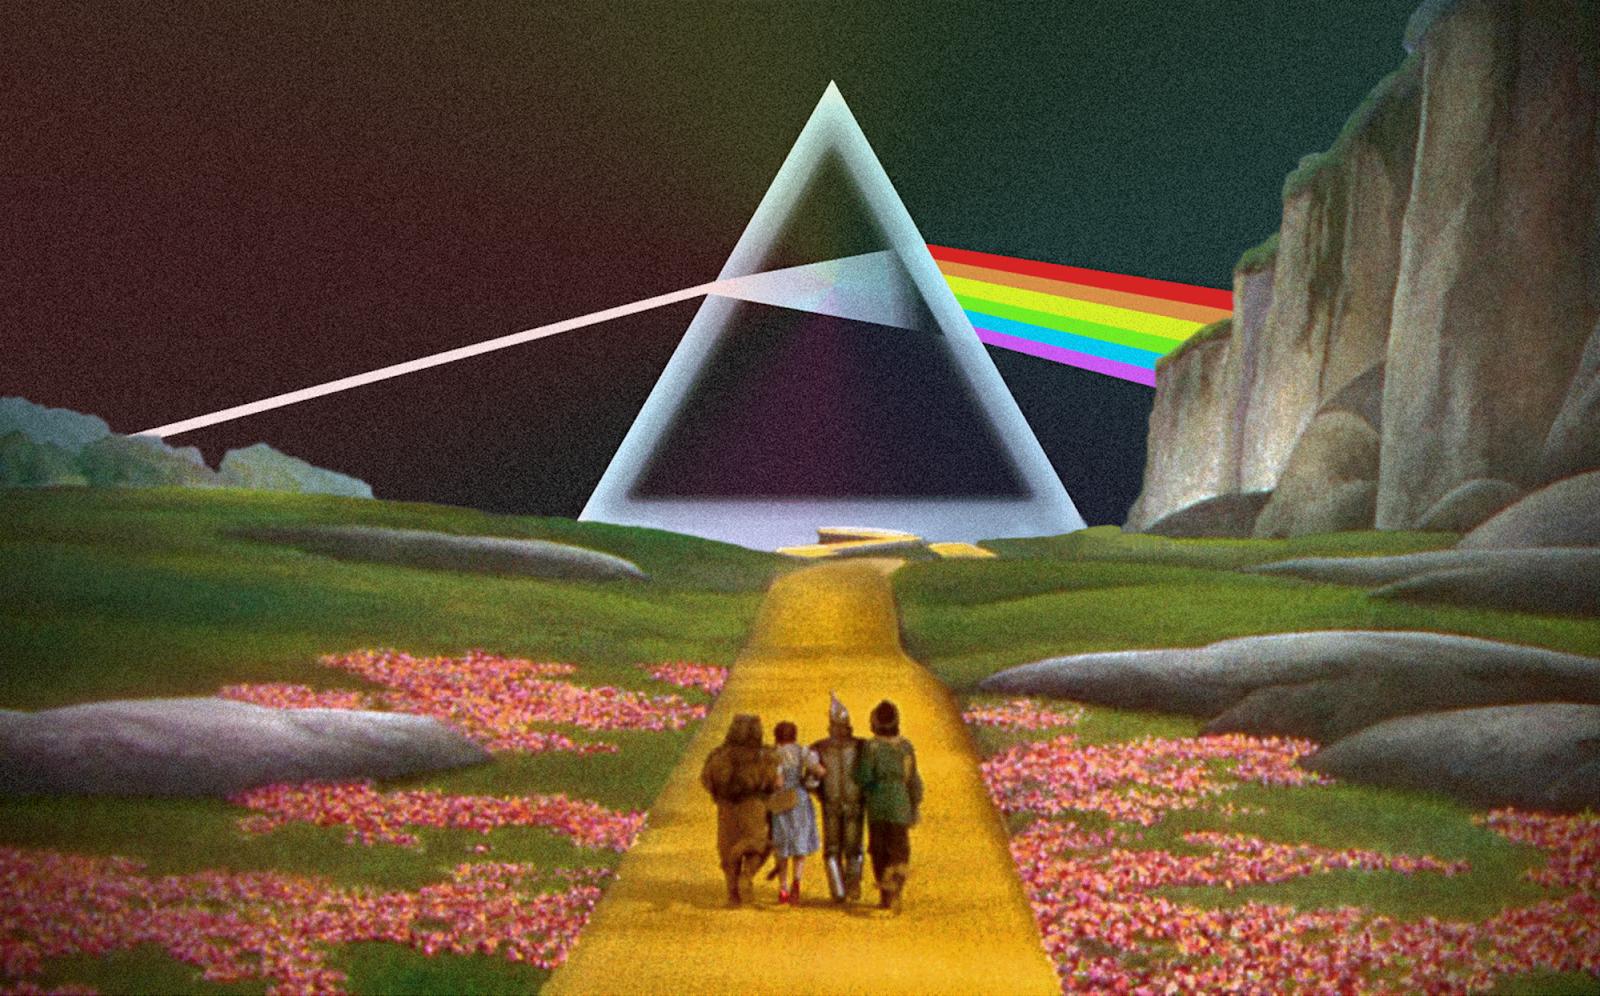 Темная сторона радуги: самая легендарная отсылка в рок-музыке